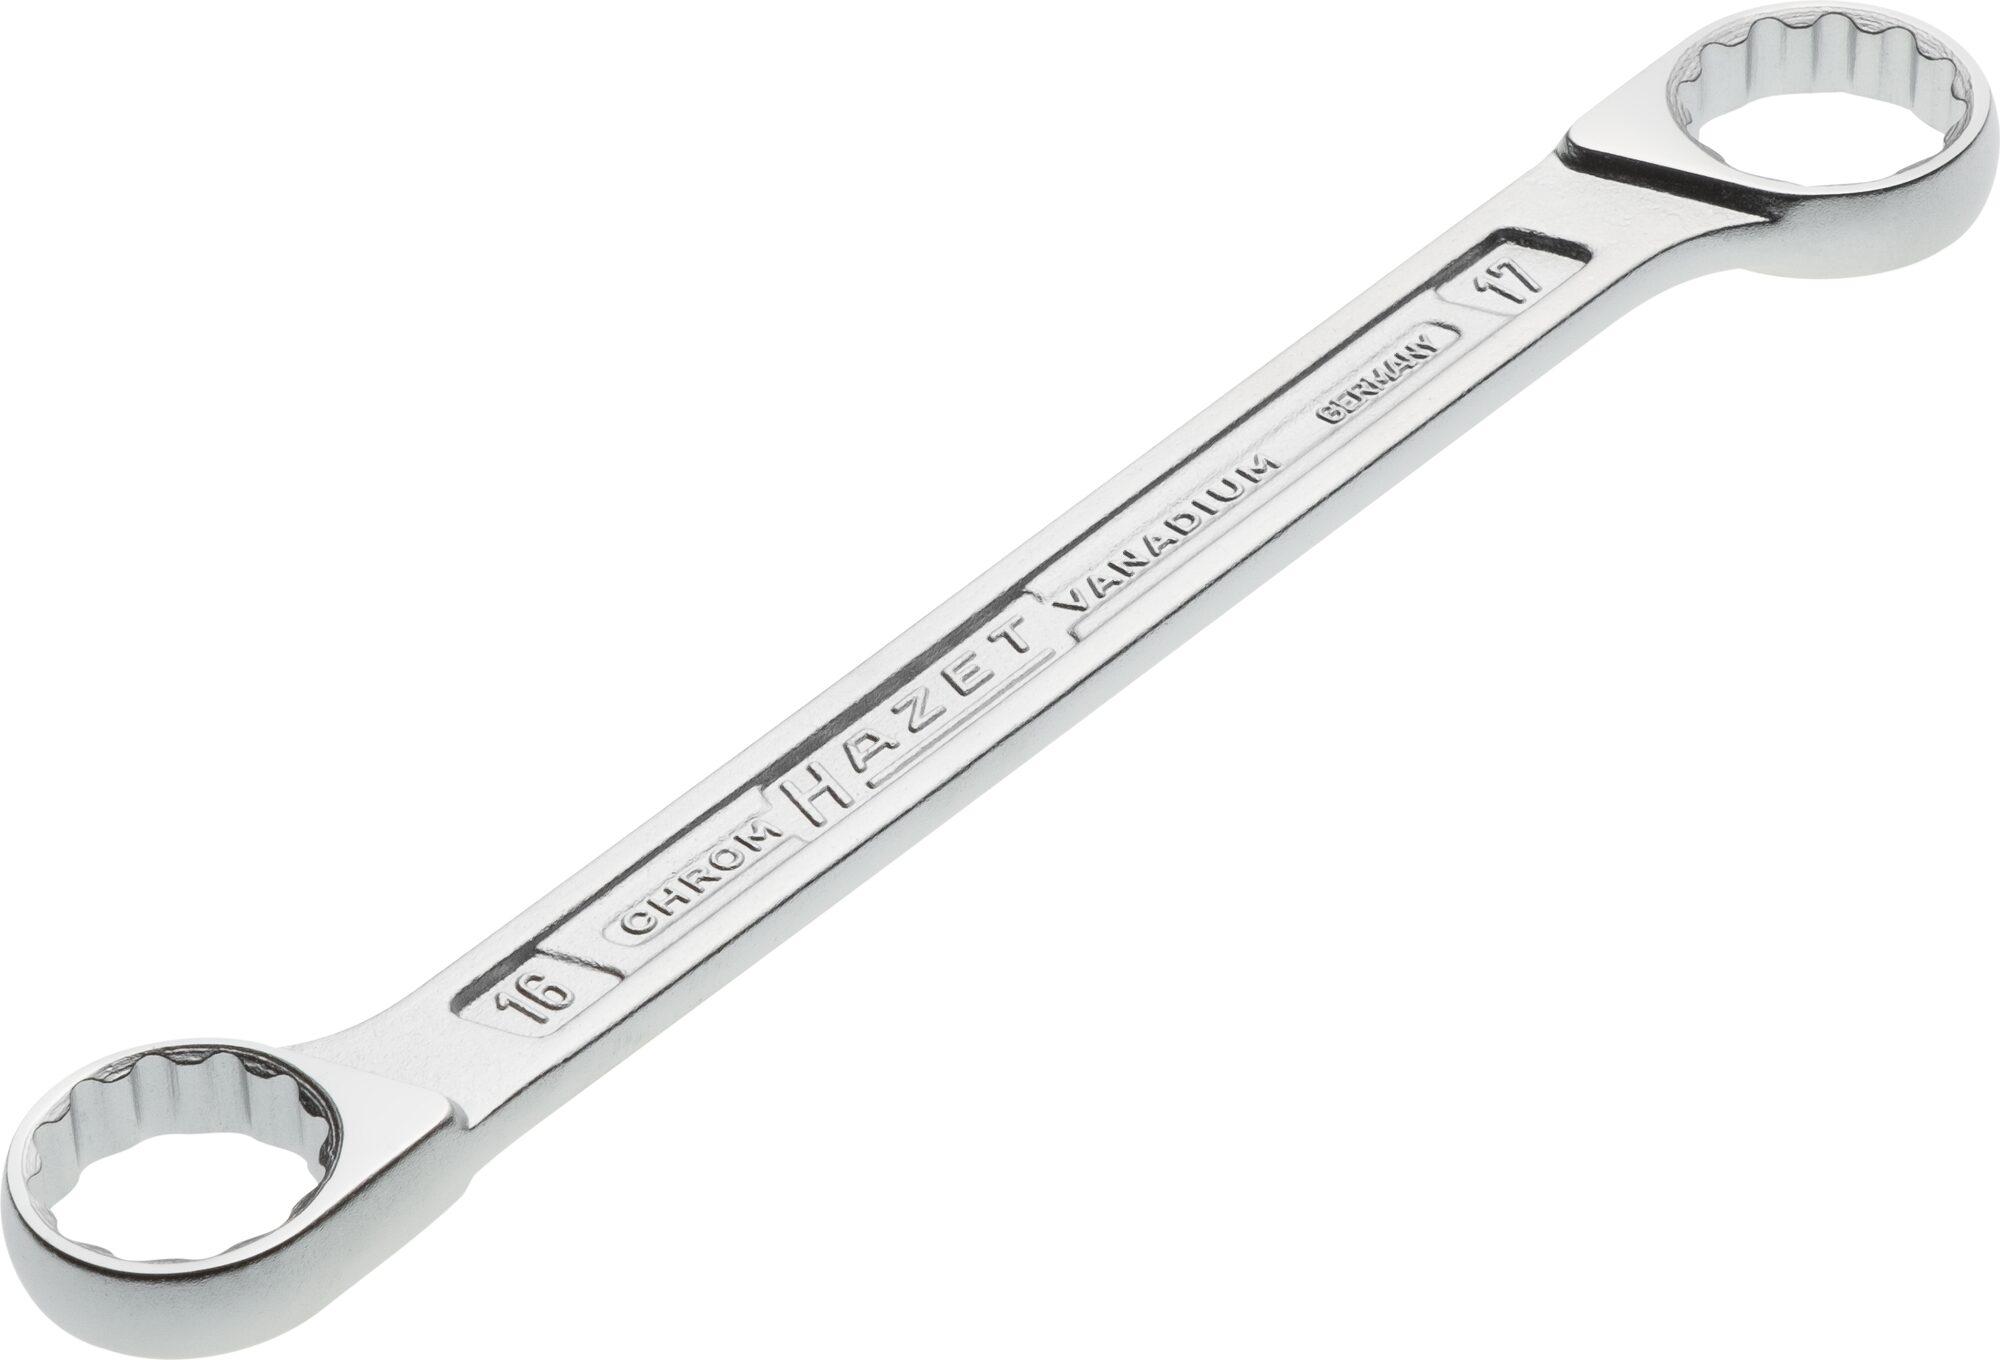 HAZET Doppel-Ringschlüssel 610N-16X17 ∙ Außen-Doppel-Sechskant-Tractionsprofil ∙ 16 x 17 mm